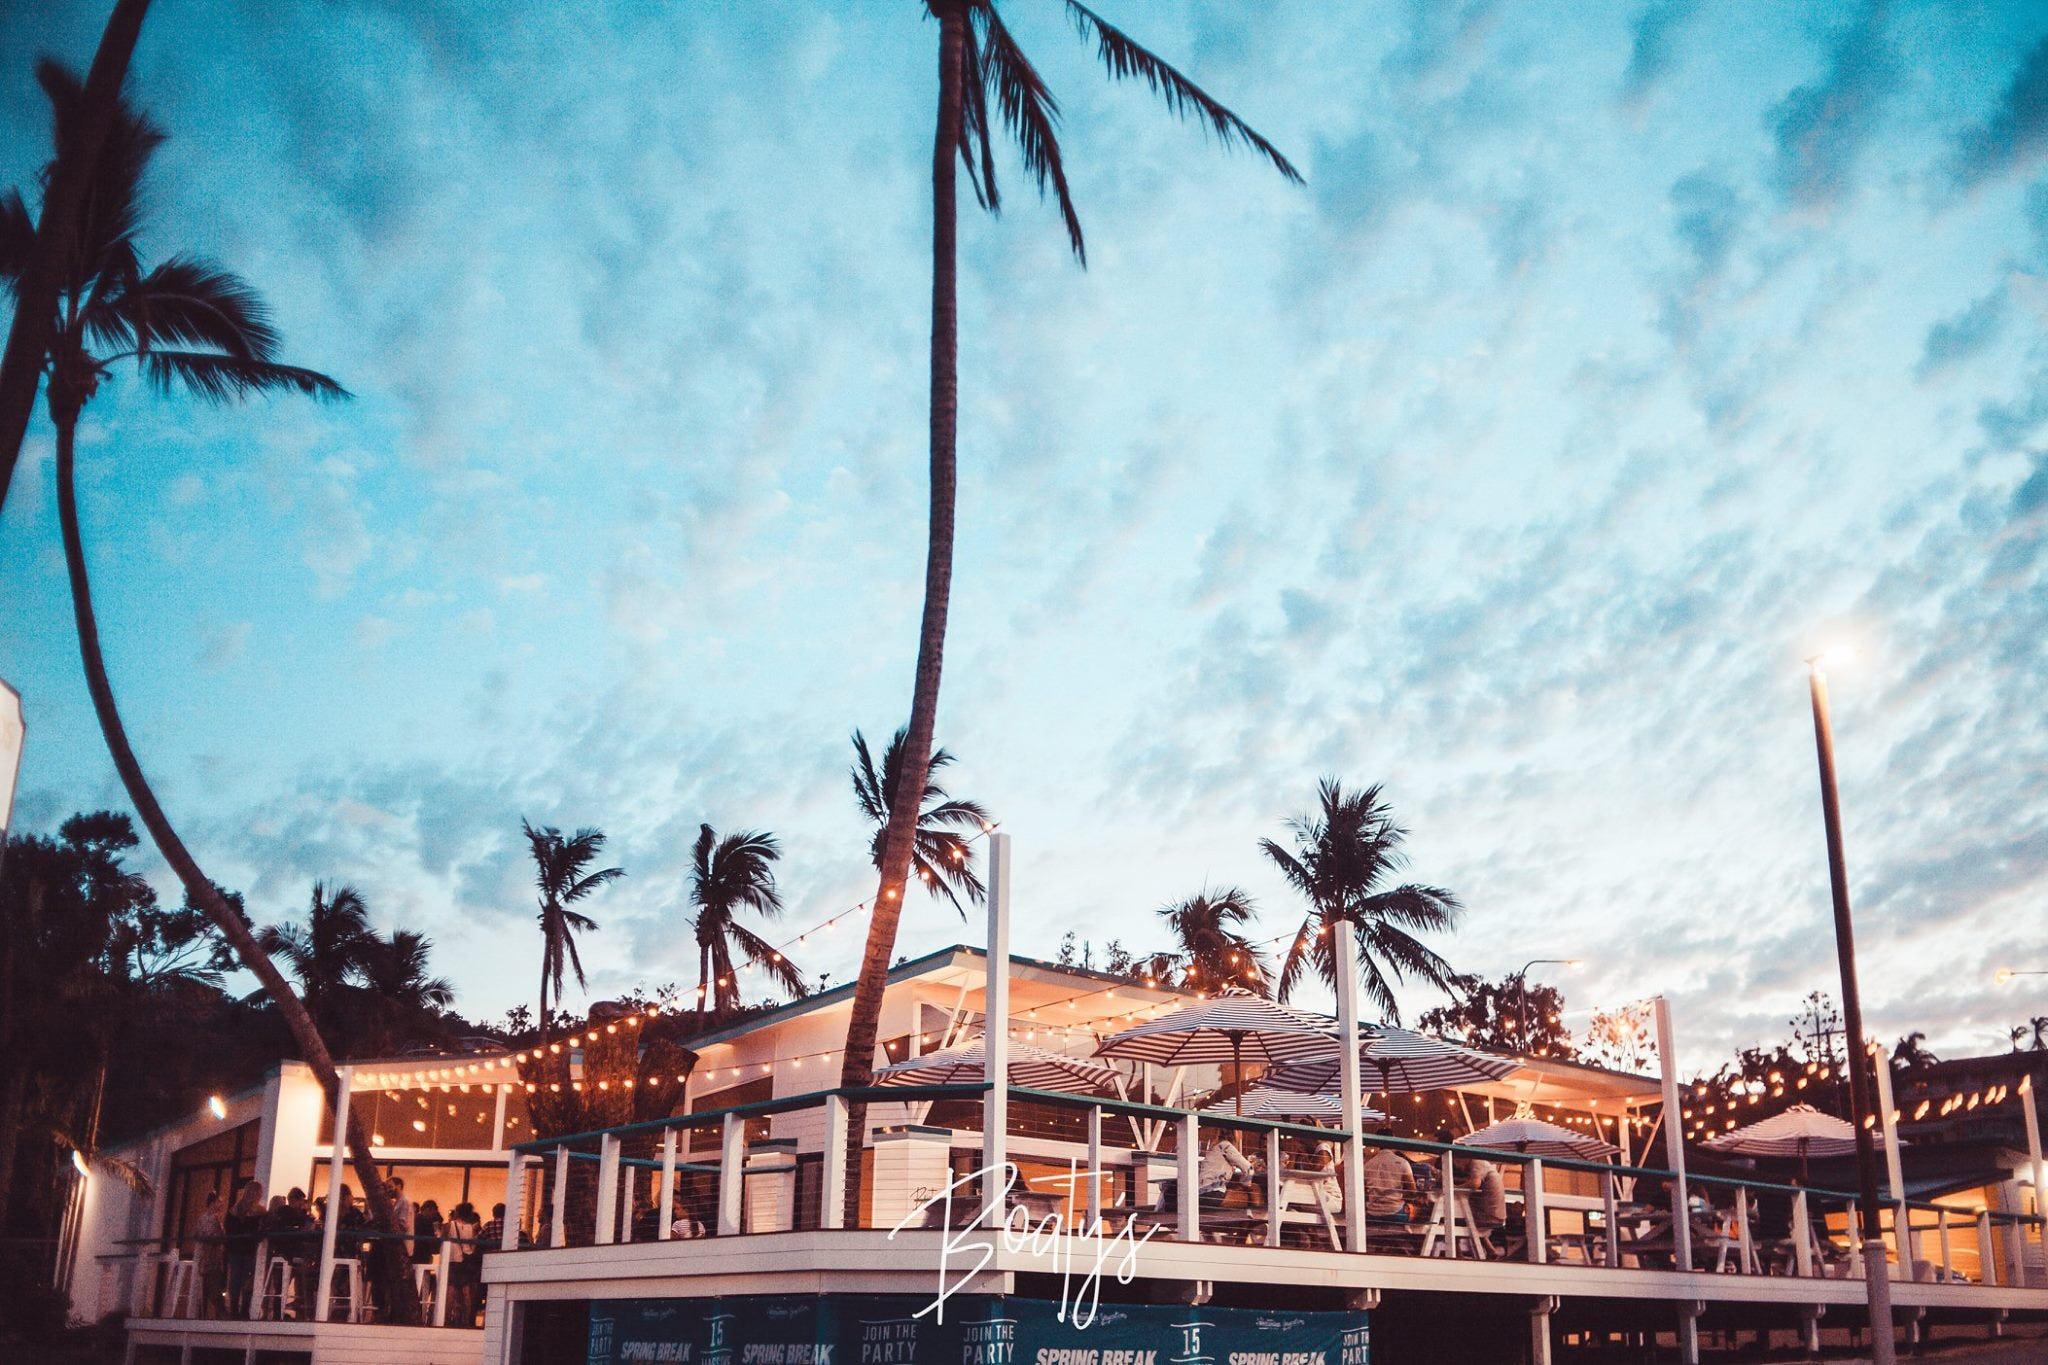 坐落在Base艾尔利滩背包客旅馆的酒吧